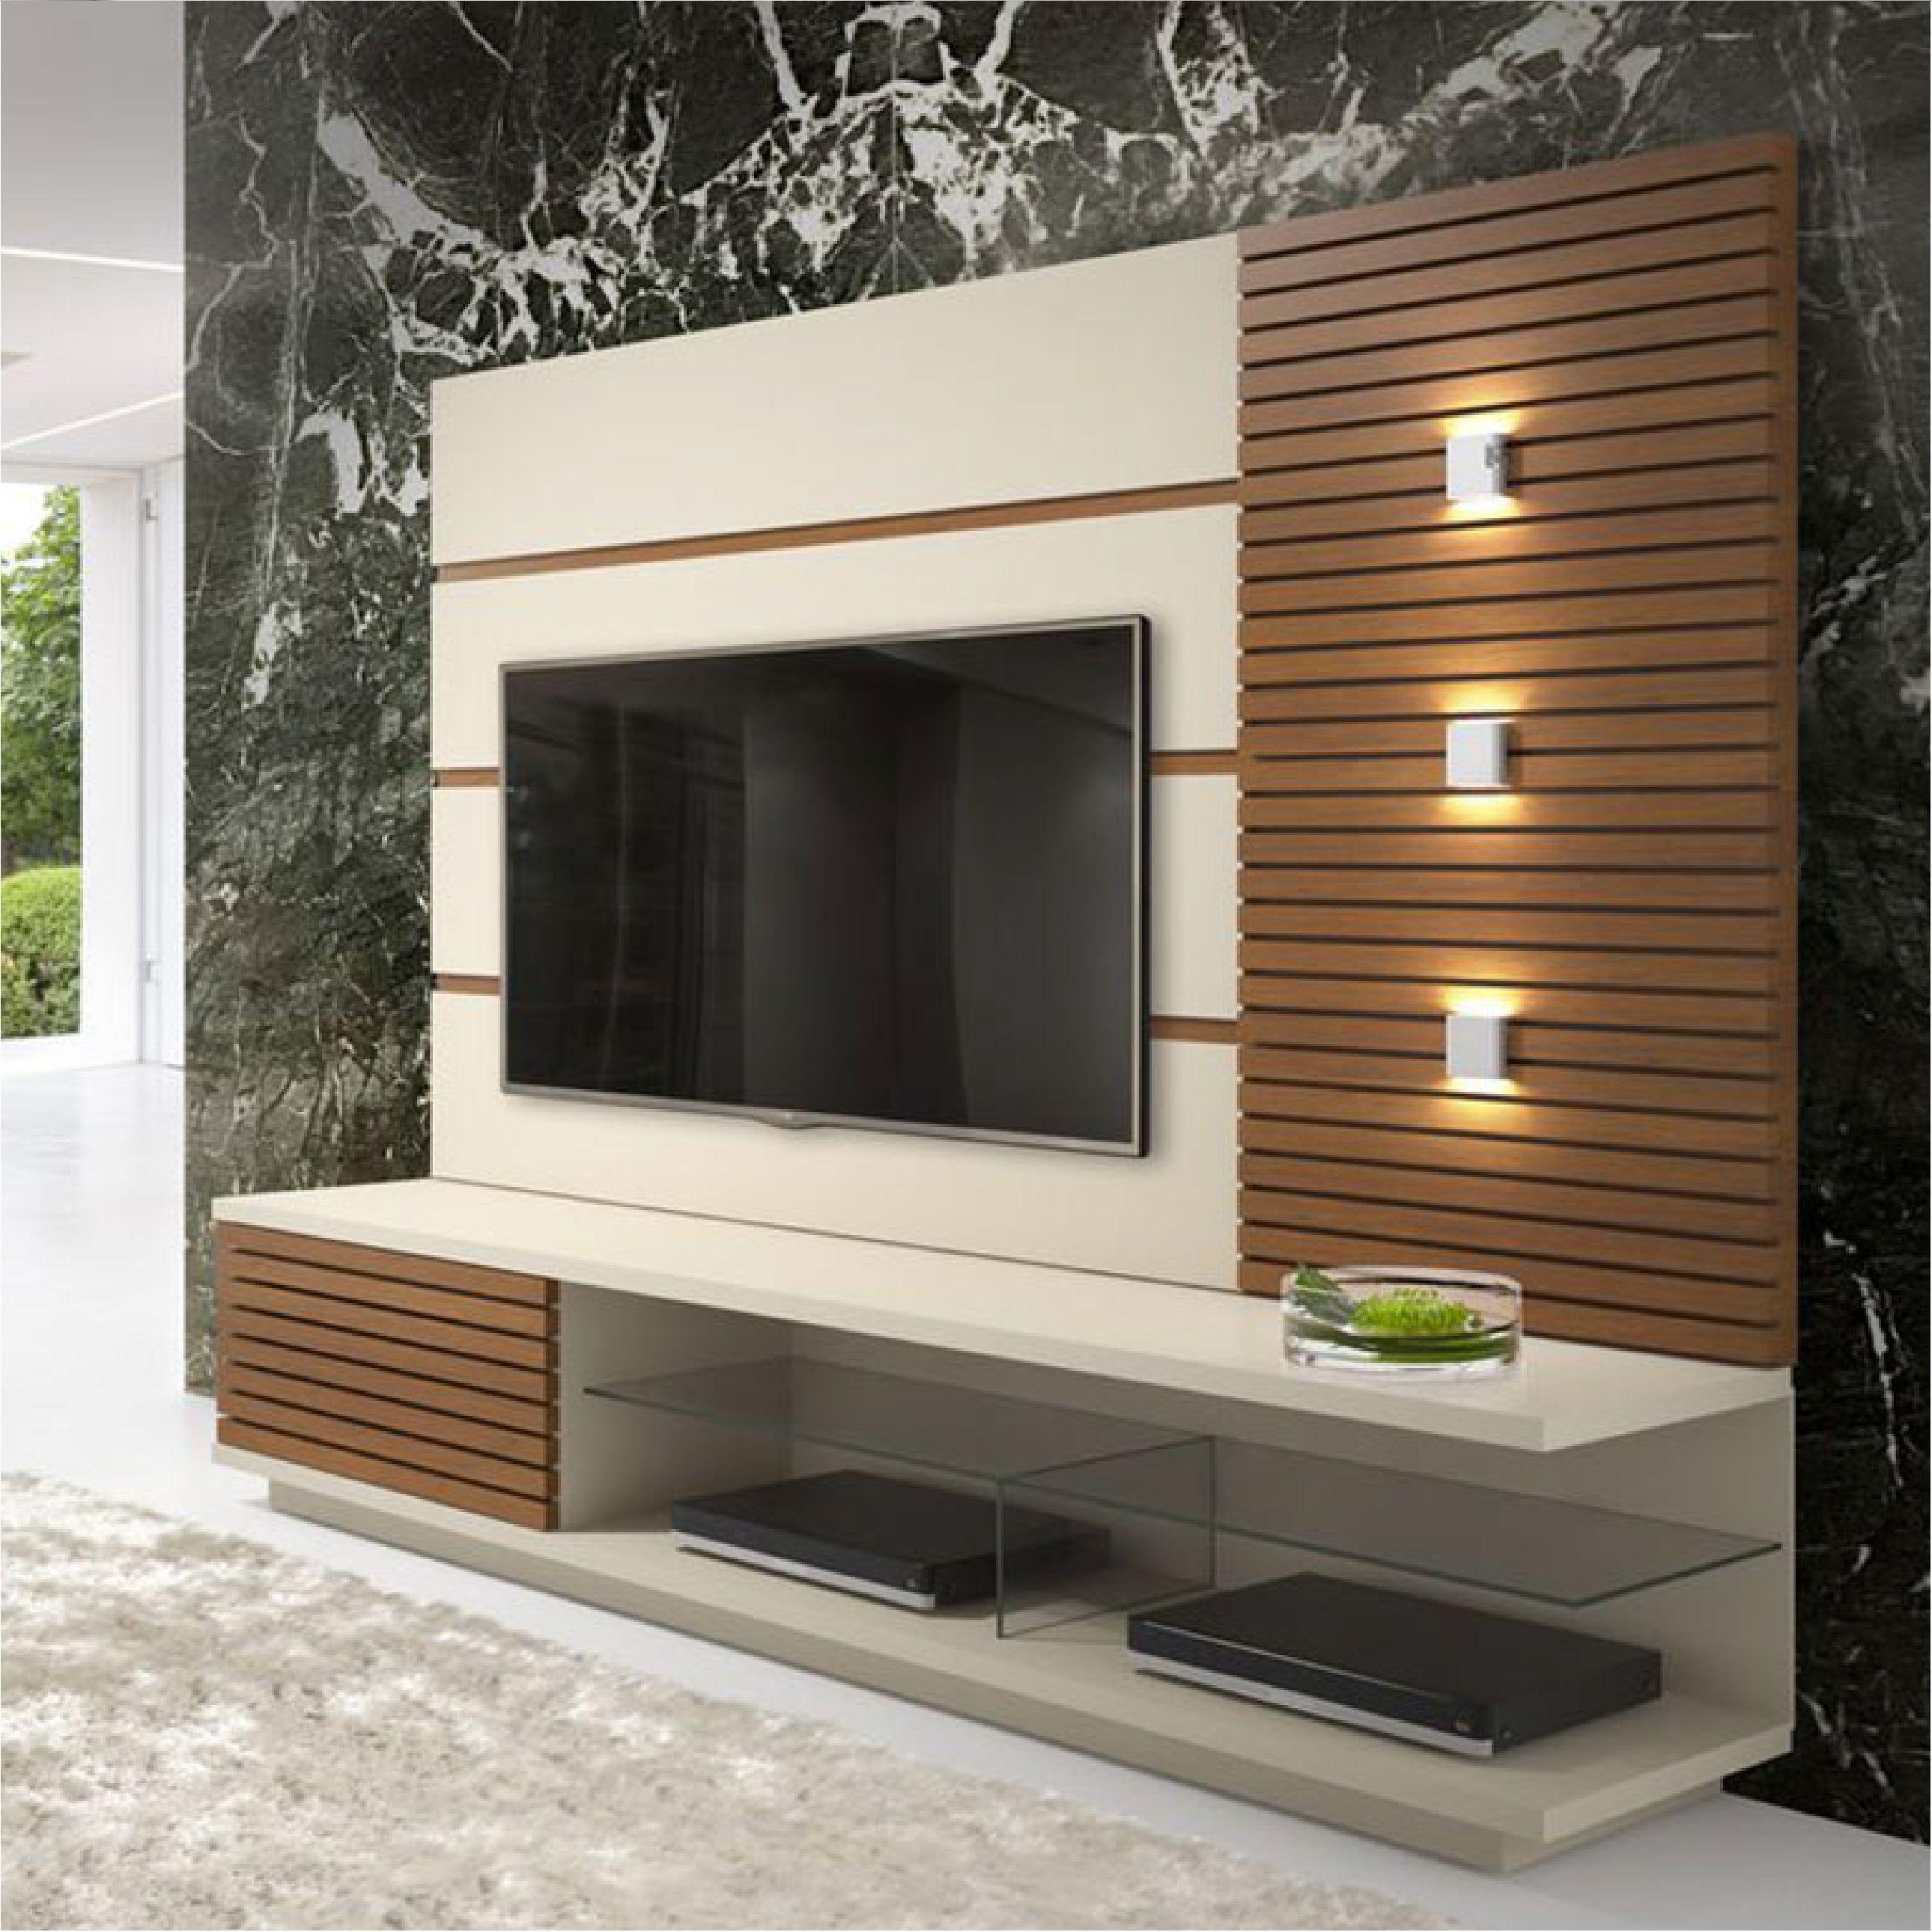 طاولة قبوتلفزيون - craftIdea.org | Modern tv wall units ...